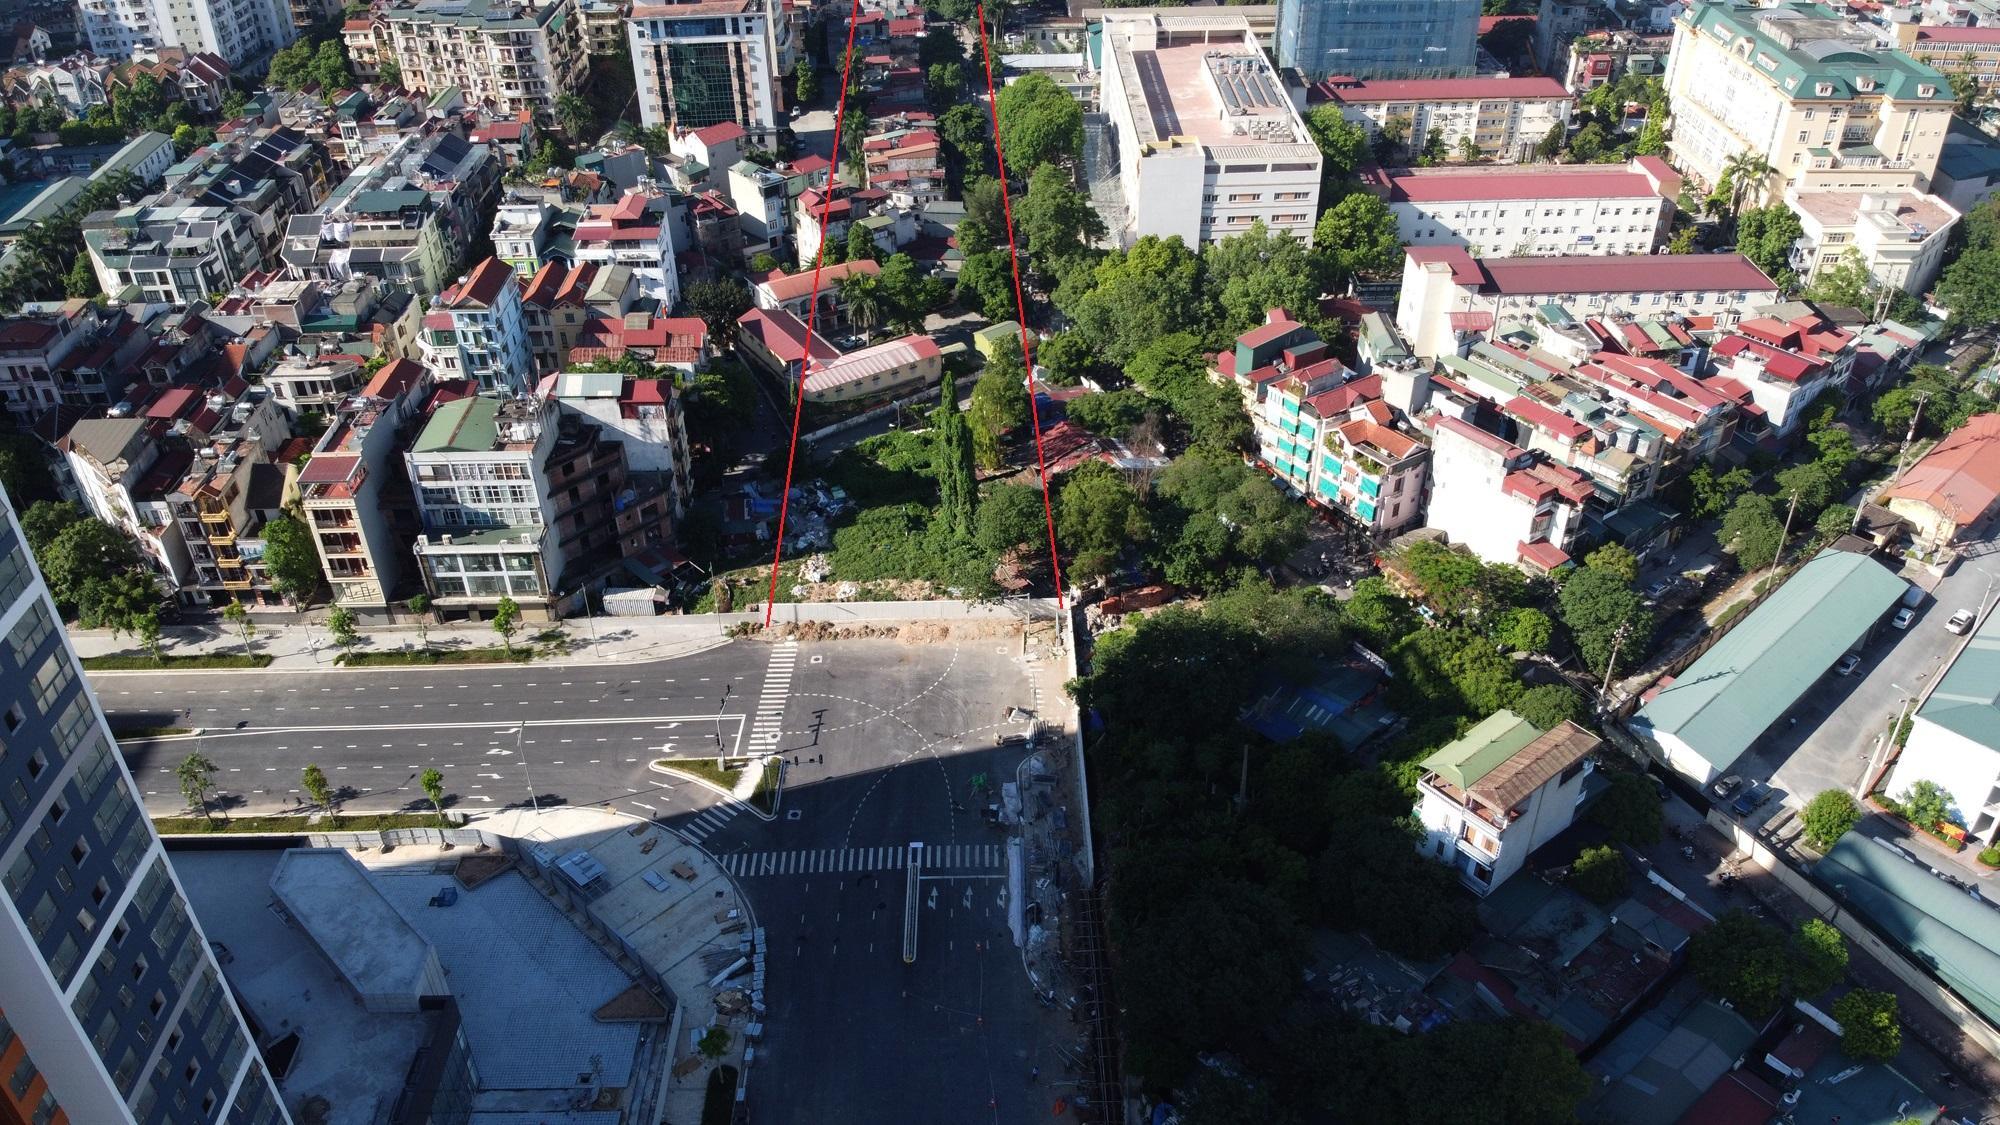 4 đường sẽ mở theo qui hoạch ở phường Cổ Nhuế 1, Bắc Từ Liêm, Hà Nội - Ảnh 7.